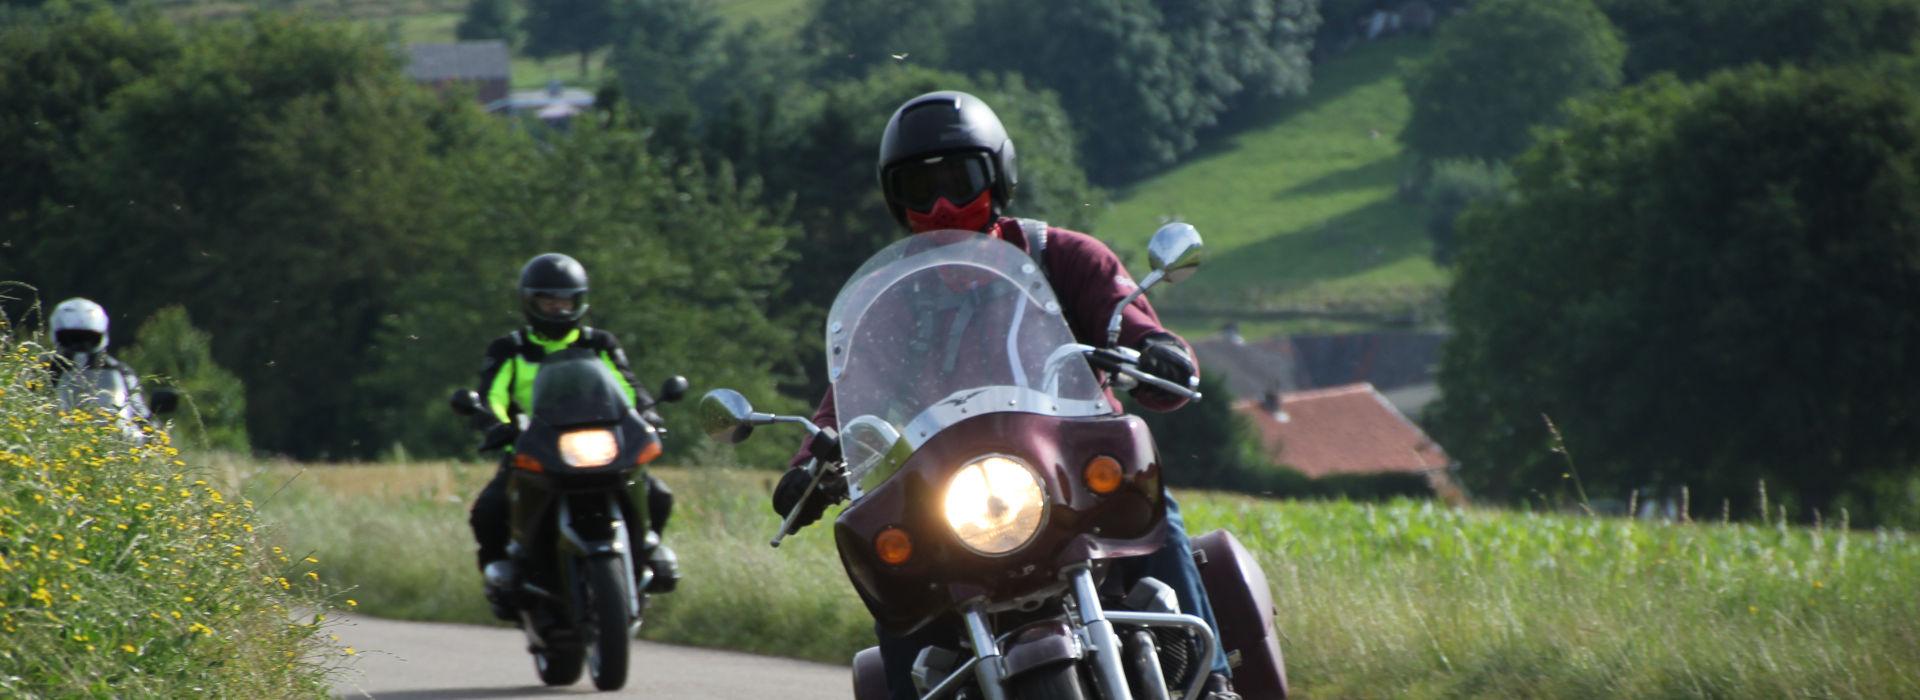 Motorrijbewijspoint Helmond spoed motorrijbewijs